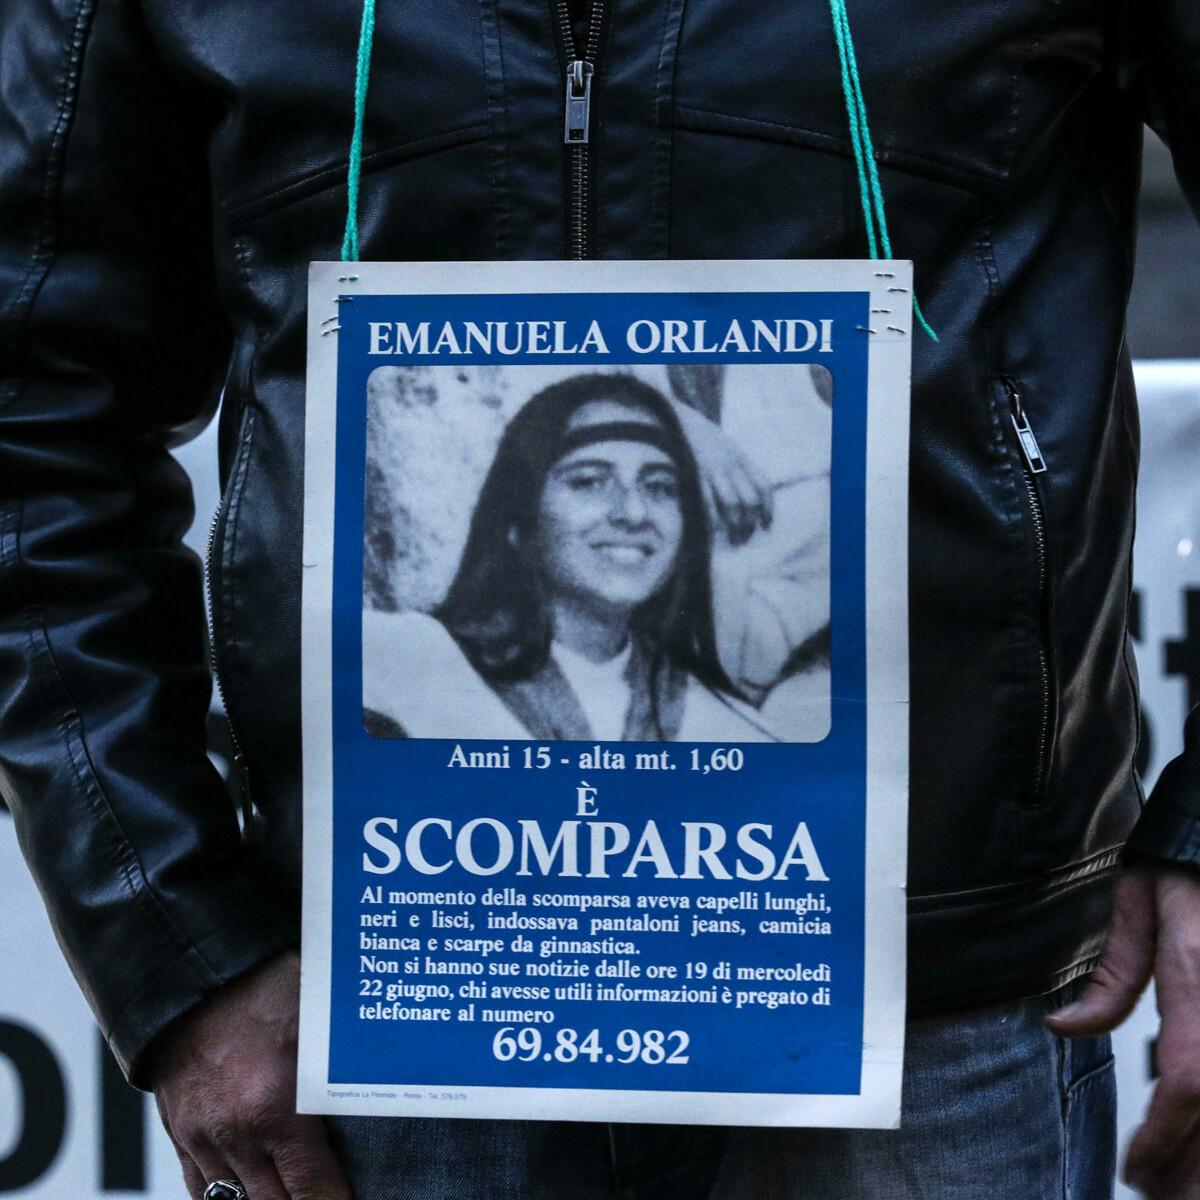 Emanuela Orlandi 38 anni dopo la scomparsa: tante piste e domande senza risposta